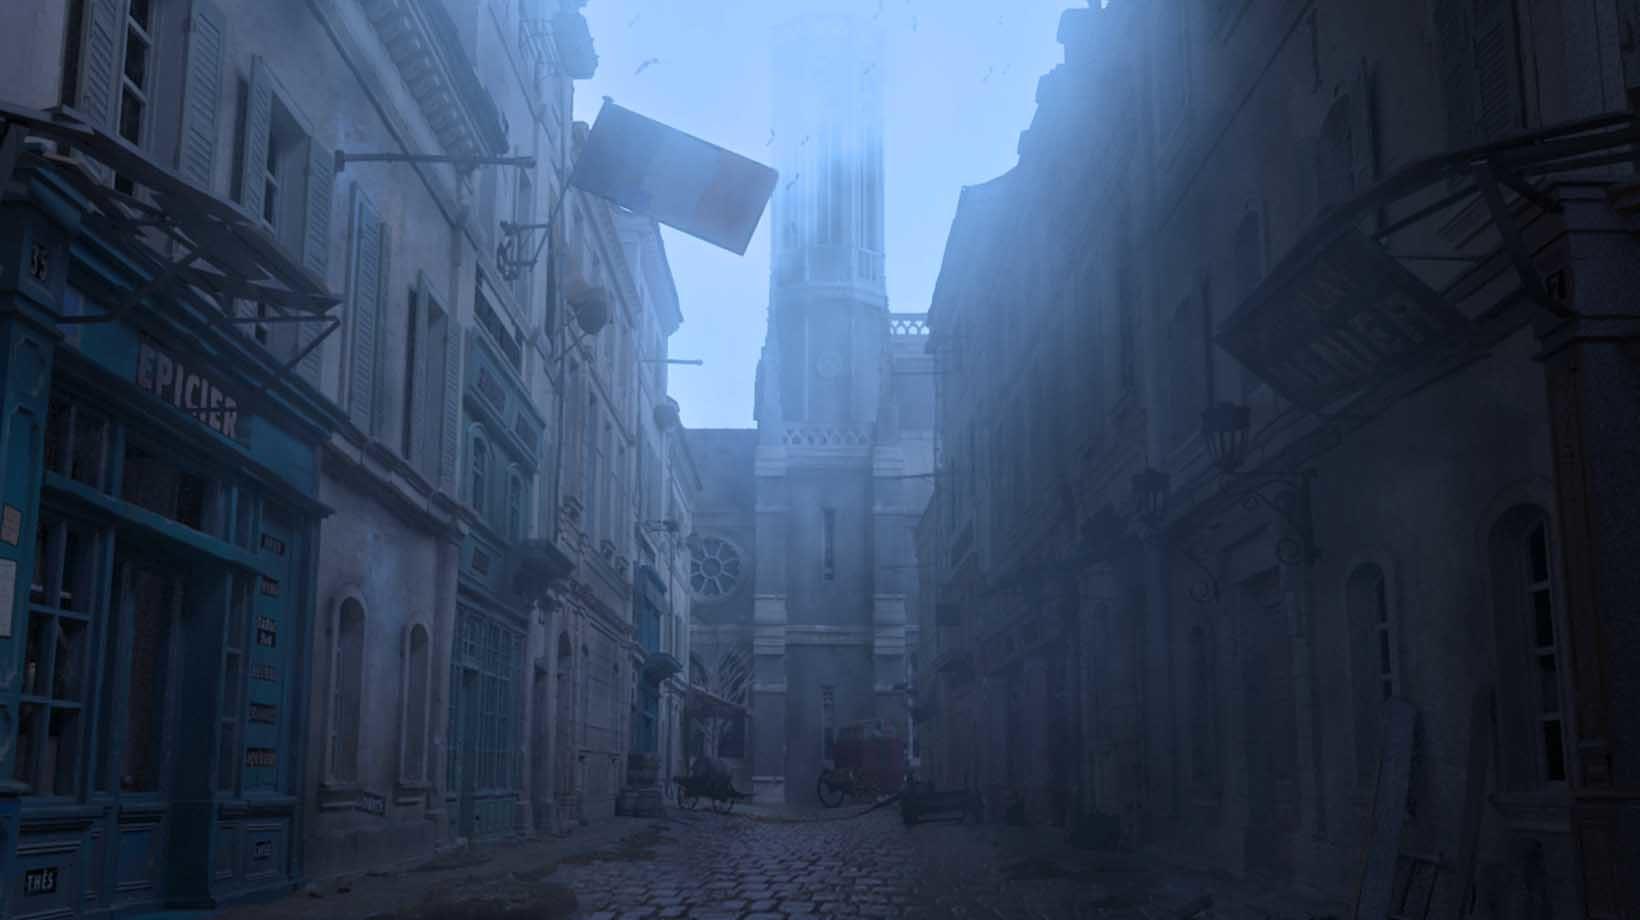 Cinéma Animation 3D-FX - Mastère Année 1